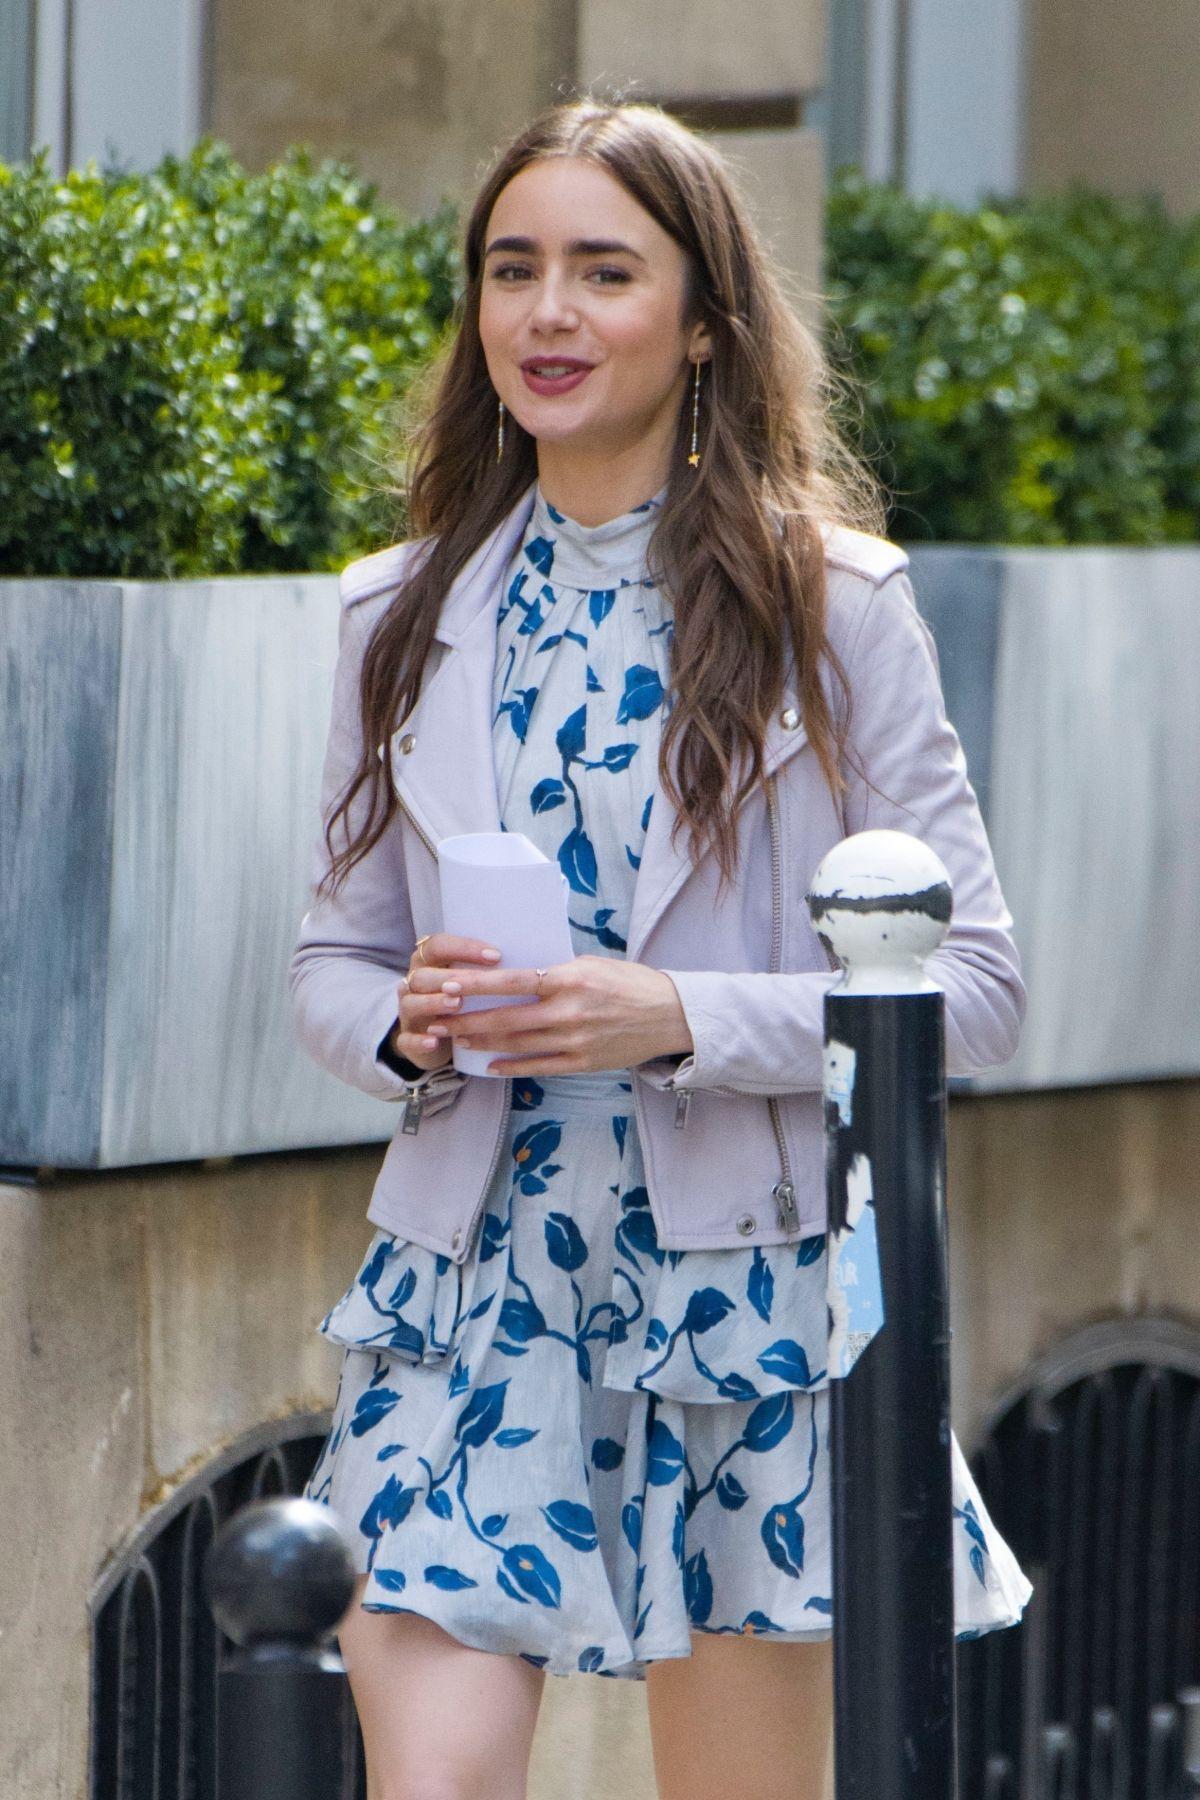 """Nữ chính Emily in Paris bật mí chai nước hoa chuẩn gái Pháp, muốn ghi điểm thanh lịch tinh tế thì hội chị em hãy """"hóng"""" ngay - Ảnh 1."""